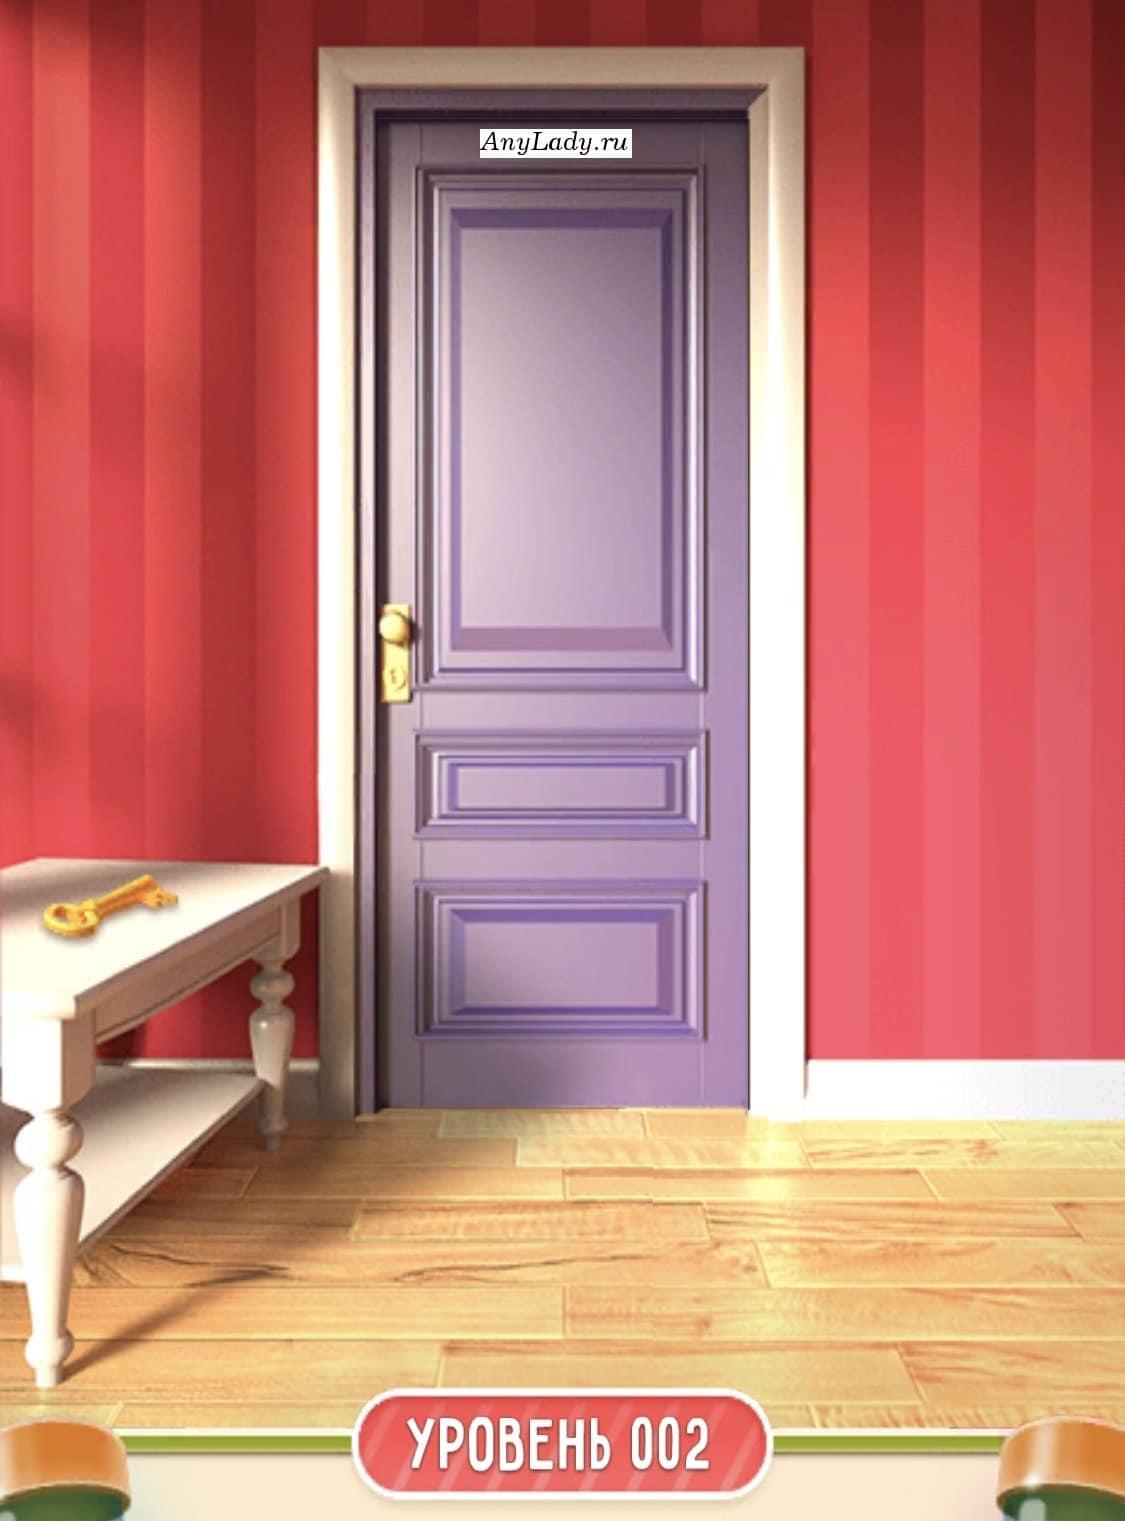 Нажмите на ключ лежащий на столе, чтобы подобрать его. За тем выберите его в интервале (одиночным нажатием) и используйте на дверь, чтобы открыть ее.